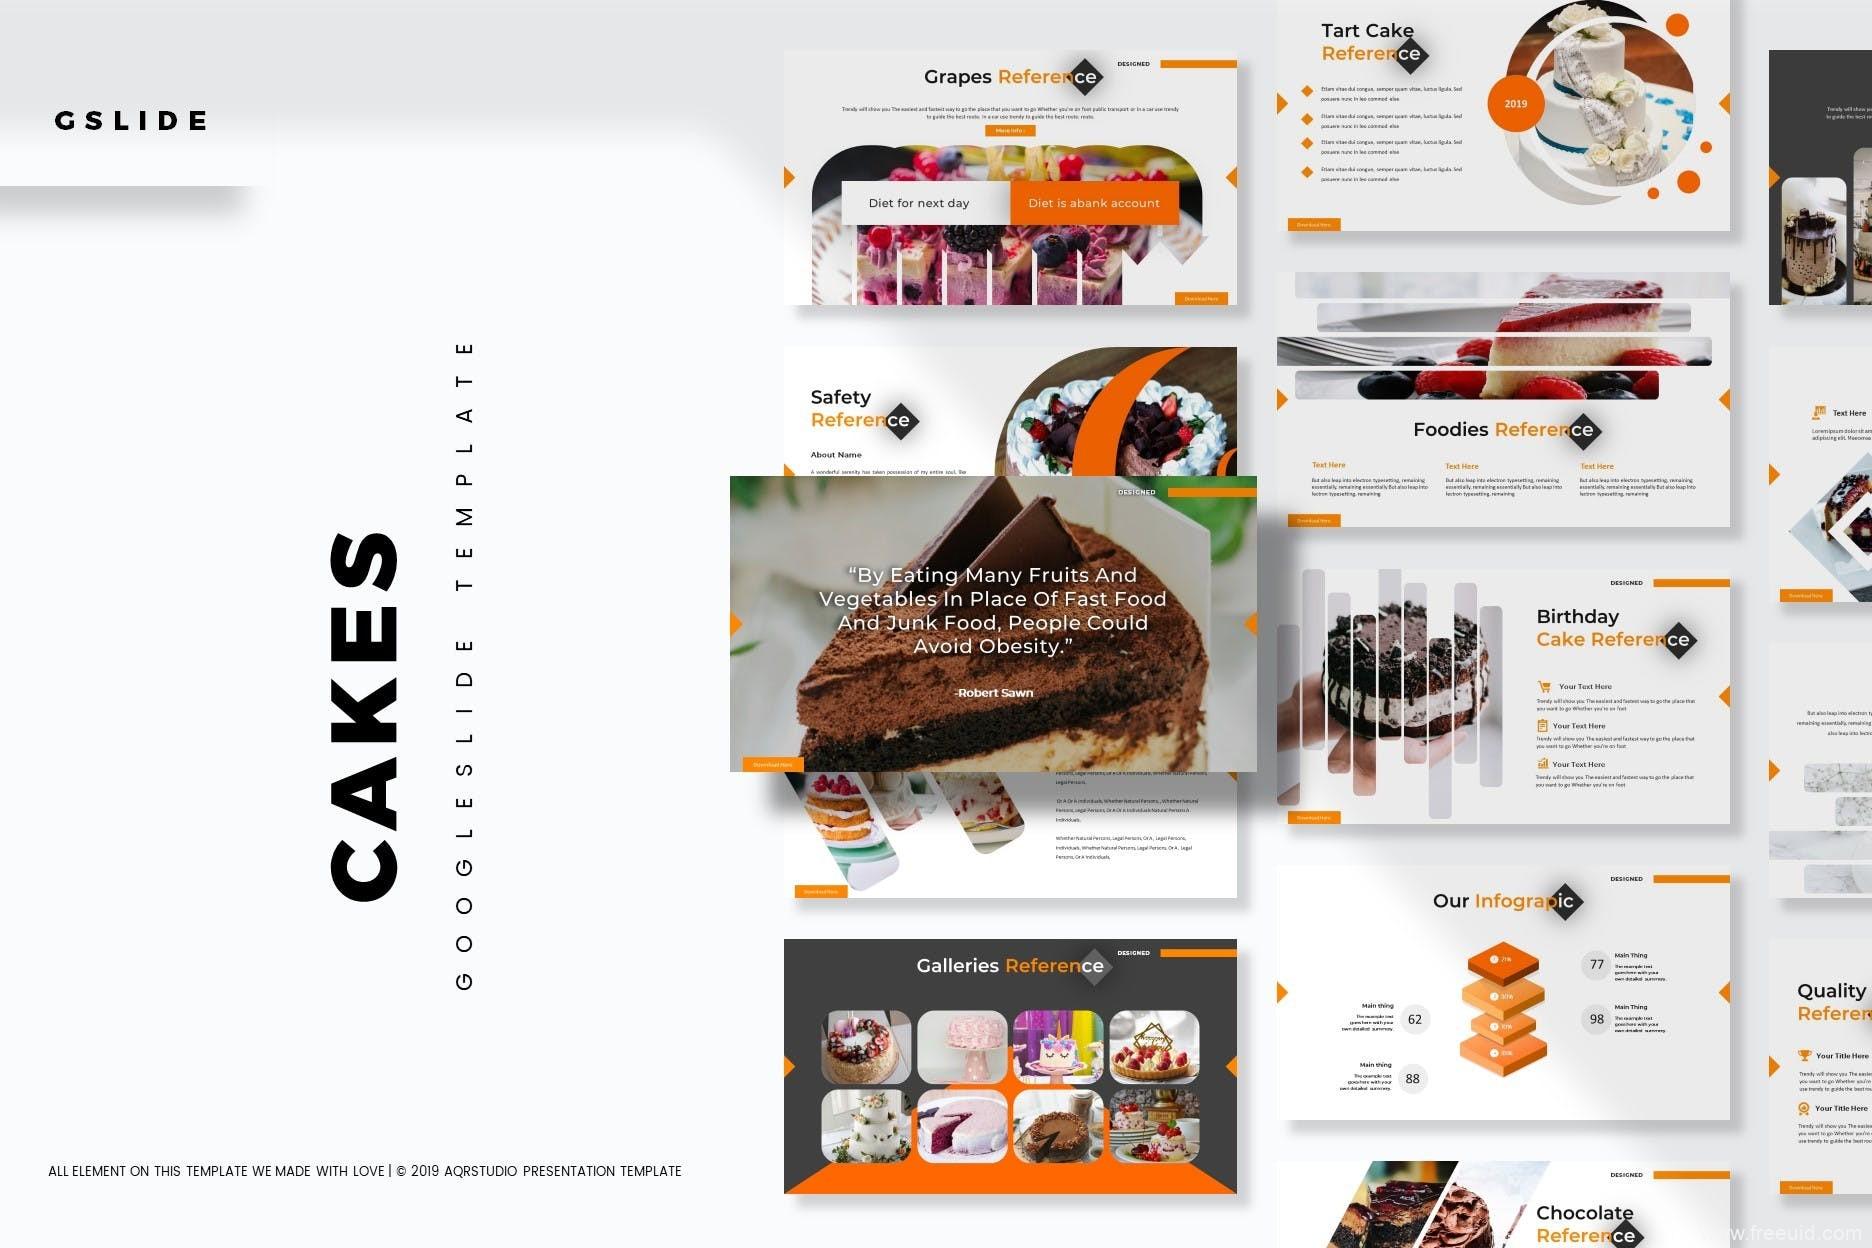 5款色彩高端产品图片展示类PPT幻灯片模板下载、产品介绍类PPT幻灯片模板